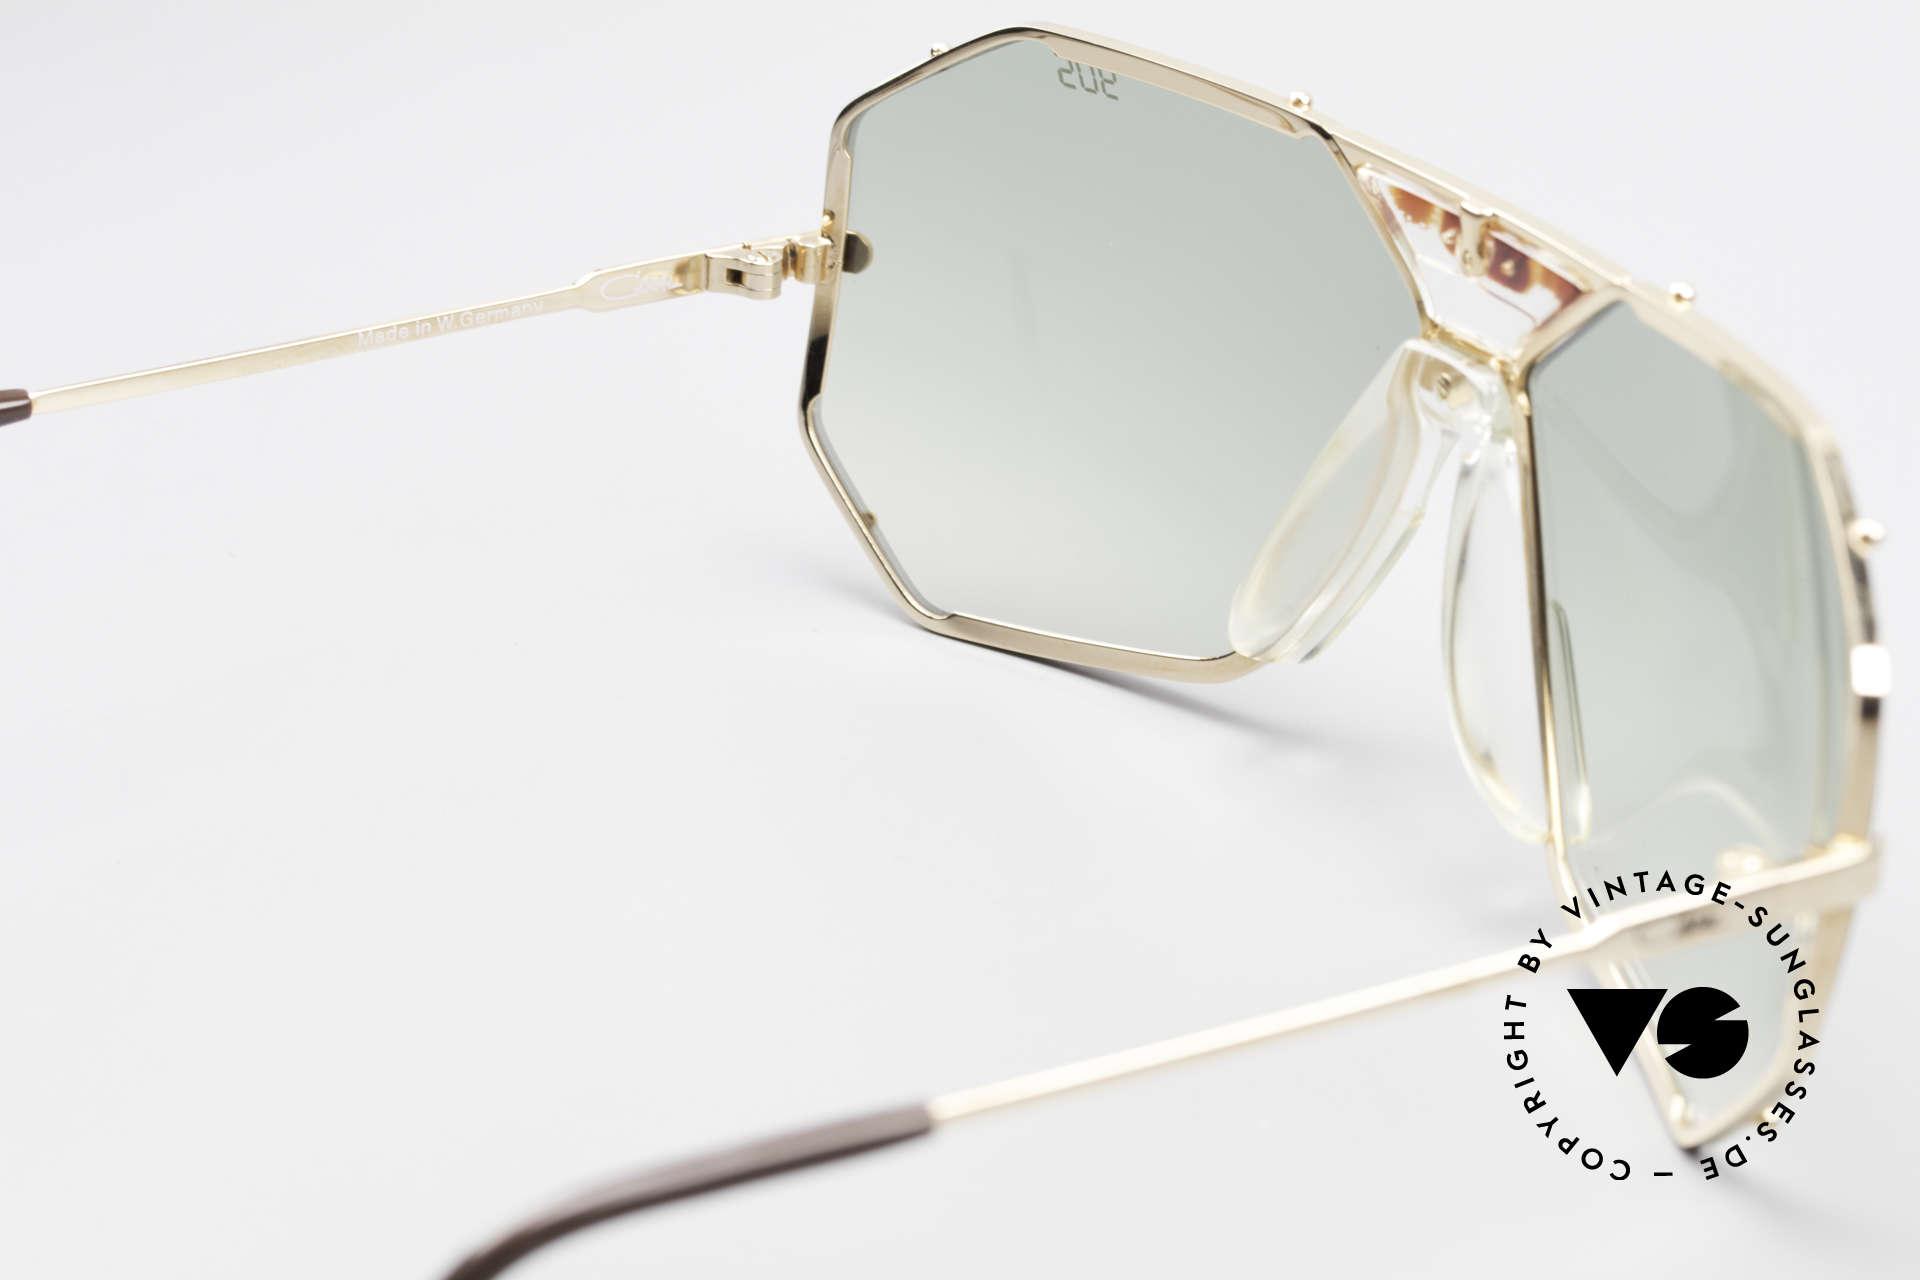 Cazal 905 Gwen Stefani Sonnenbrille 80er, u.a. getragen von Gwen Stefani (The Sweet Escape), Passend für Herren